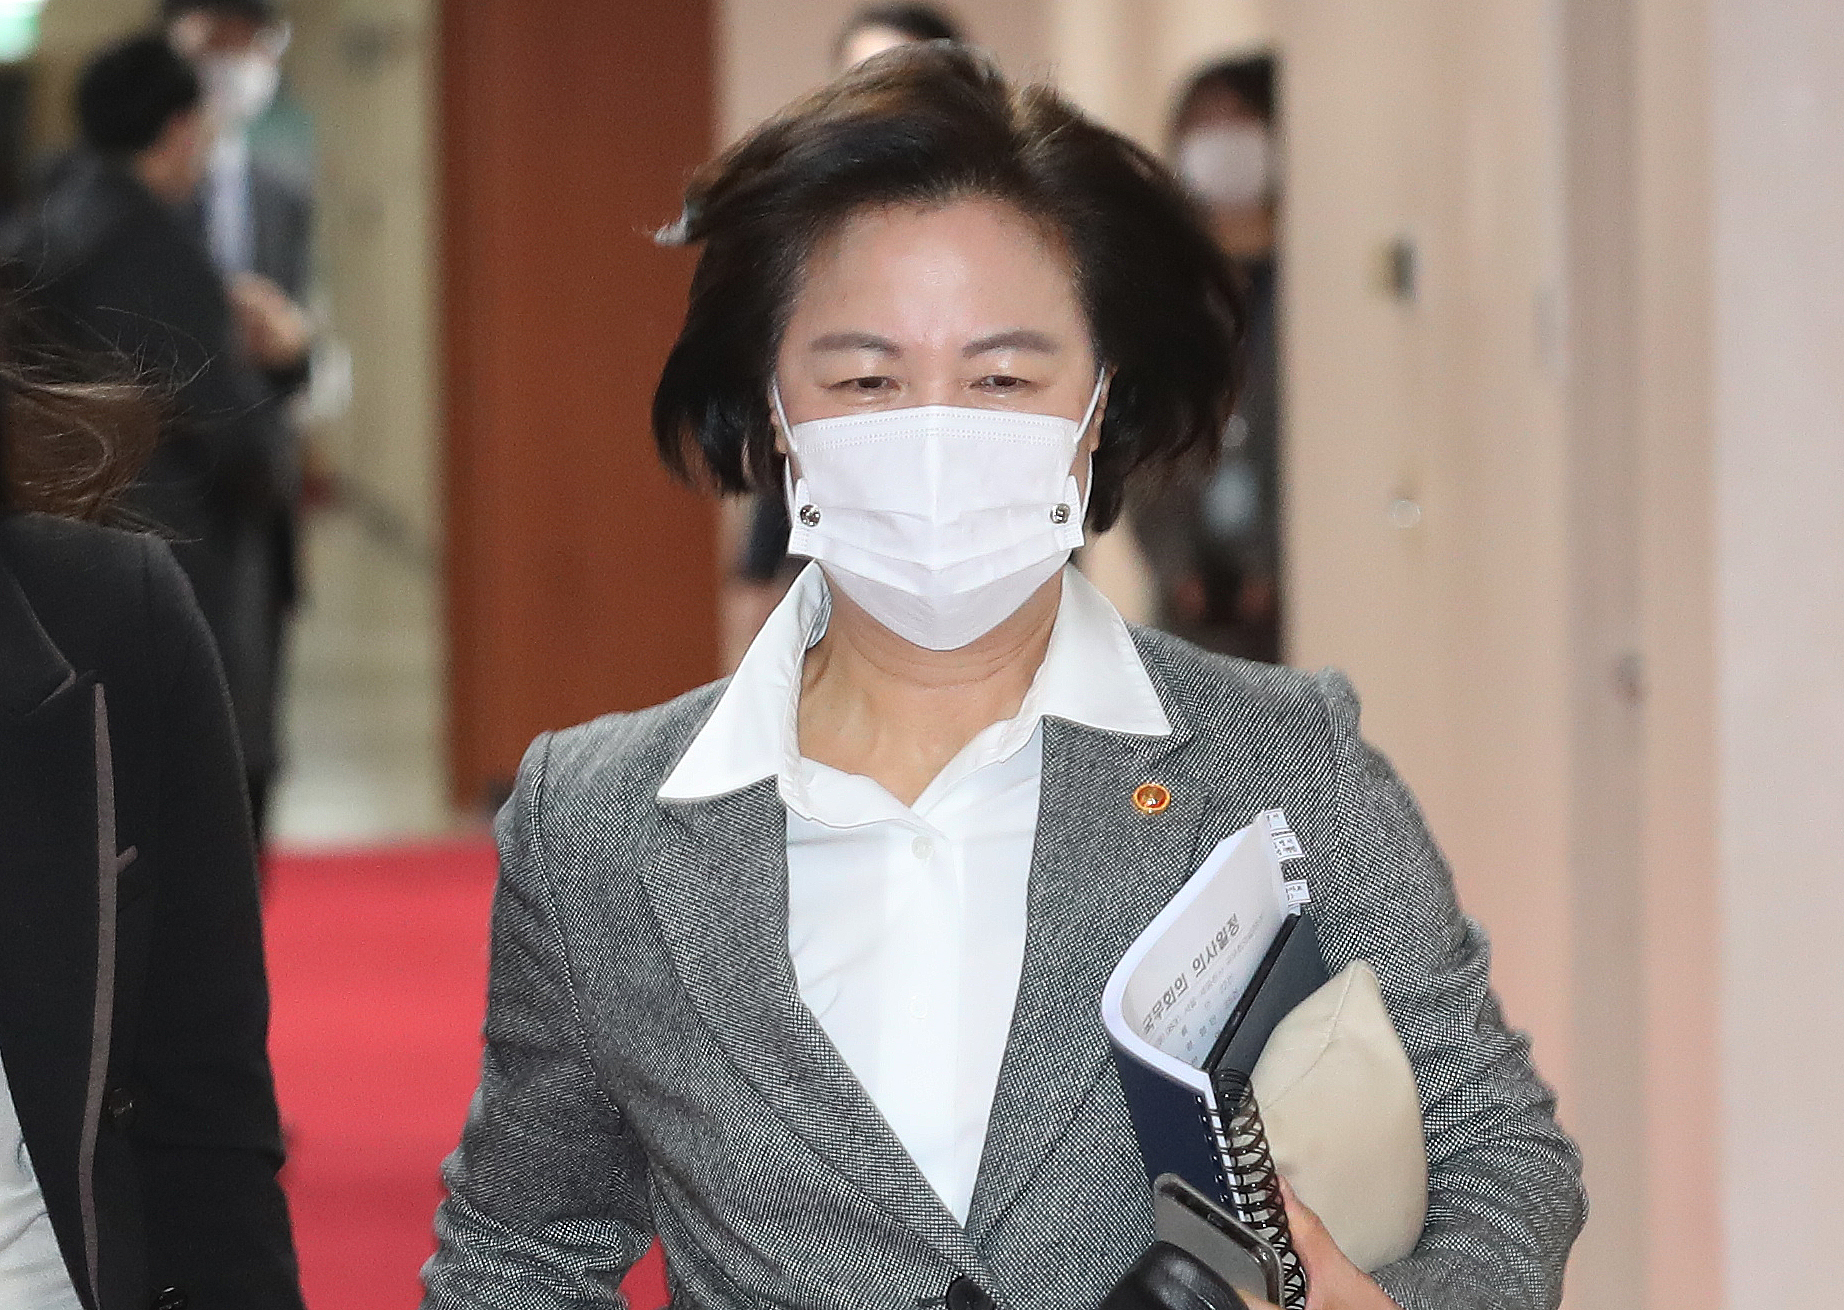 추미애 법무부장관이 24일 오전 서울 종로구 정부서울청사에서 열린 국무회의에 뒤늦게 참석하고 있다. 뉴스1